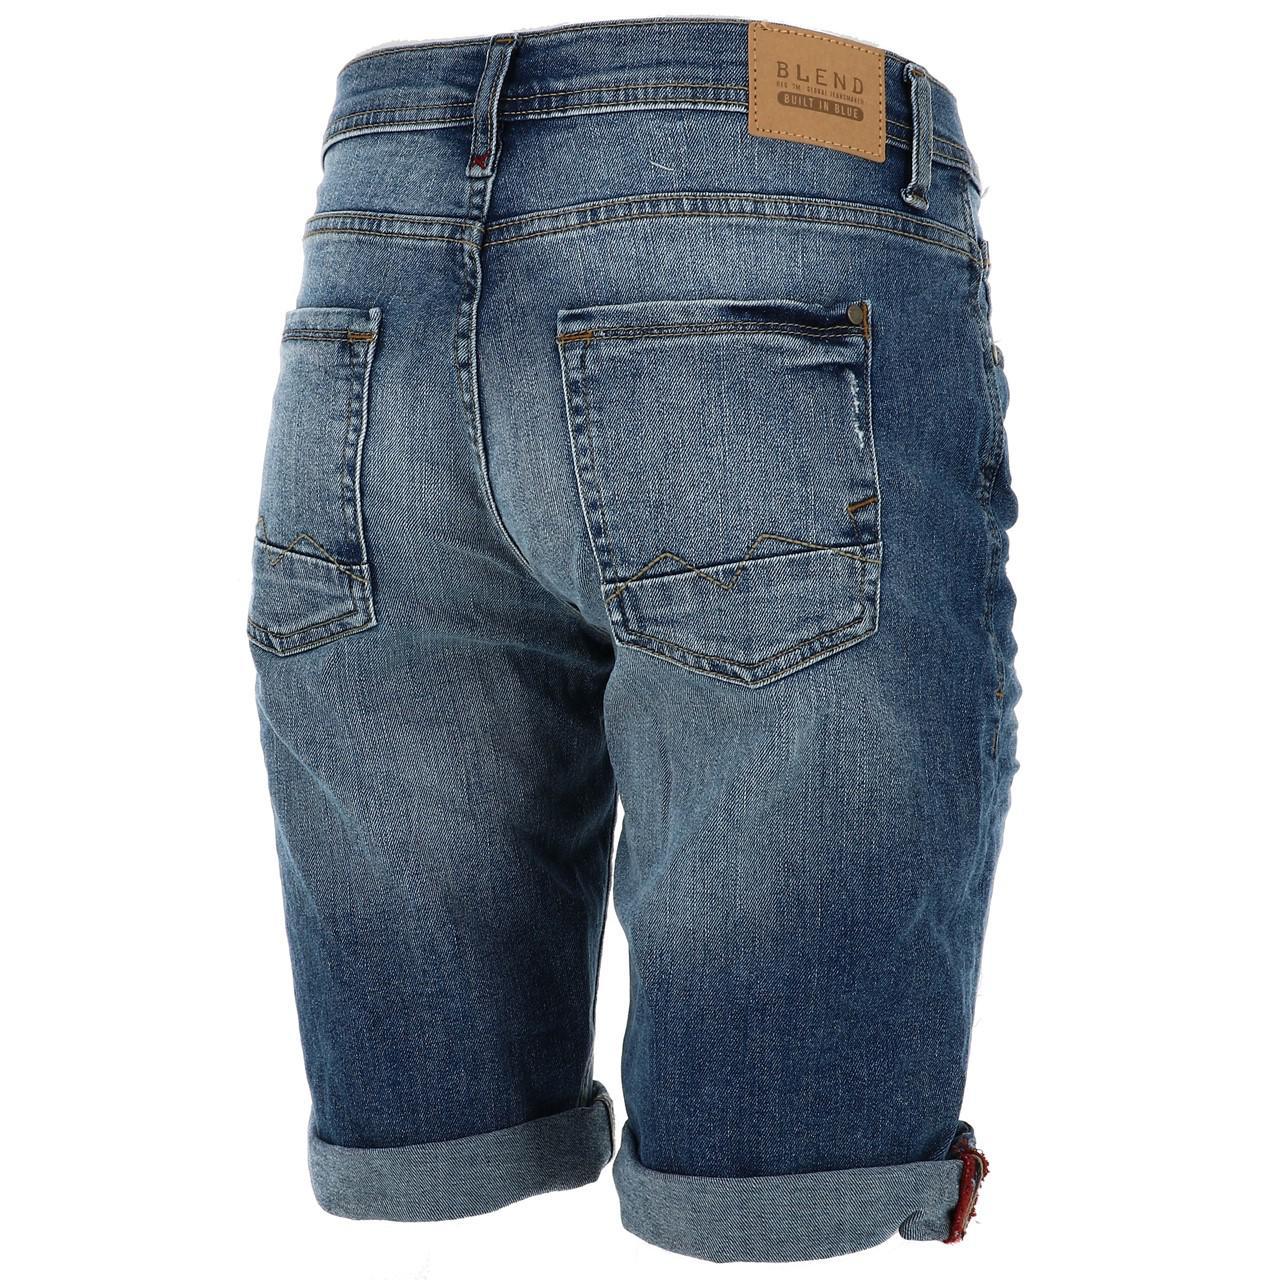 Bermuda-Shorts-Blend-Jork-Denim-Lt-Blue-Shorts-Blue-18056-New thumbnail 5